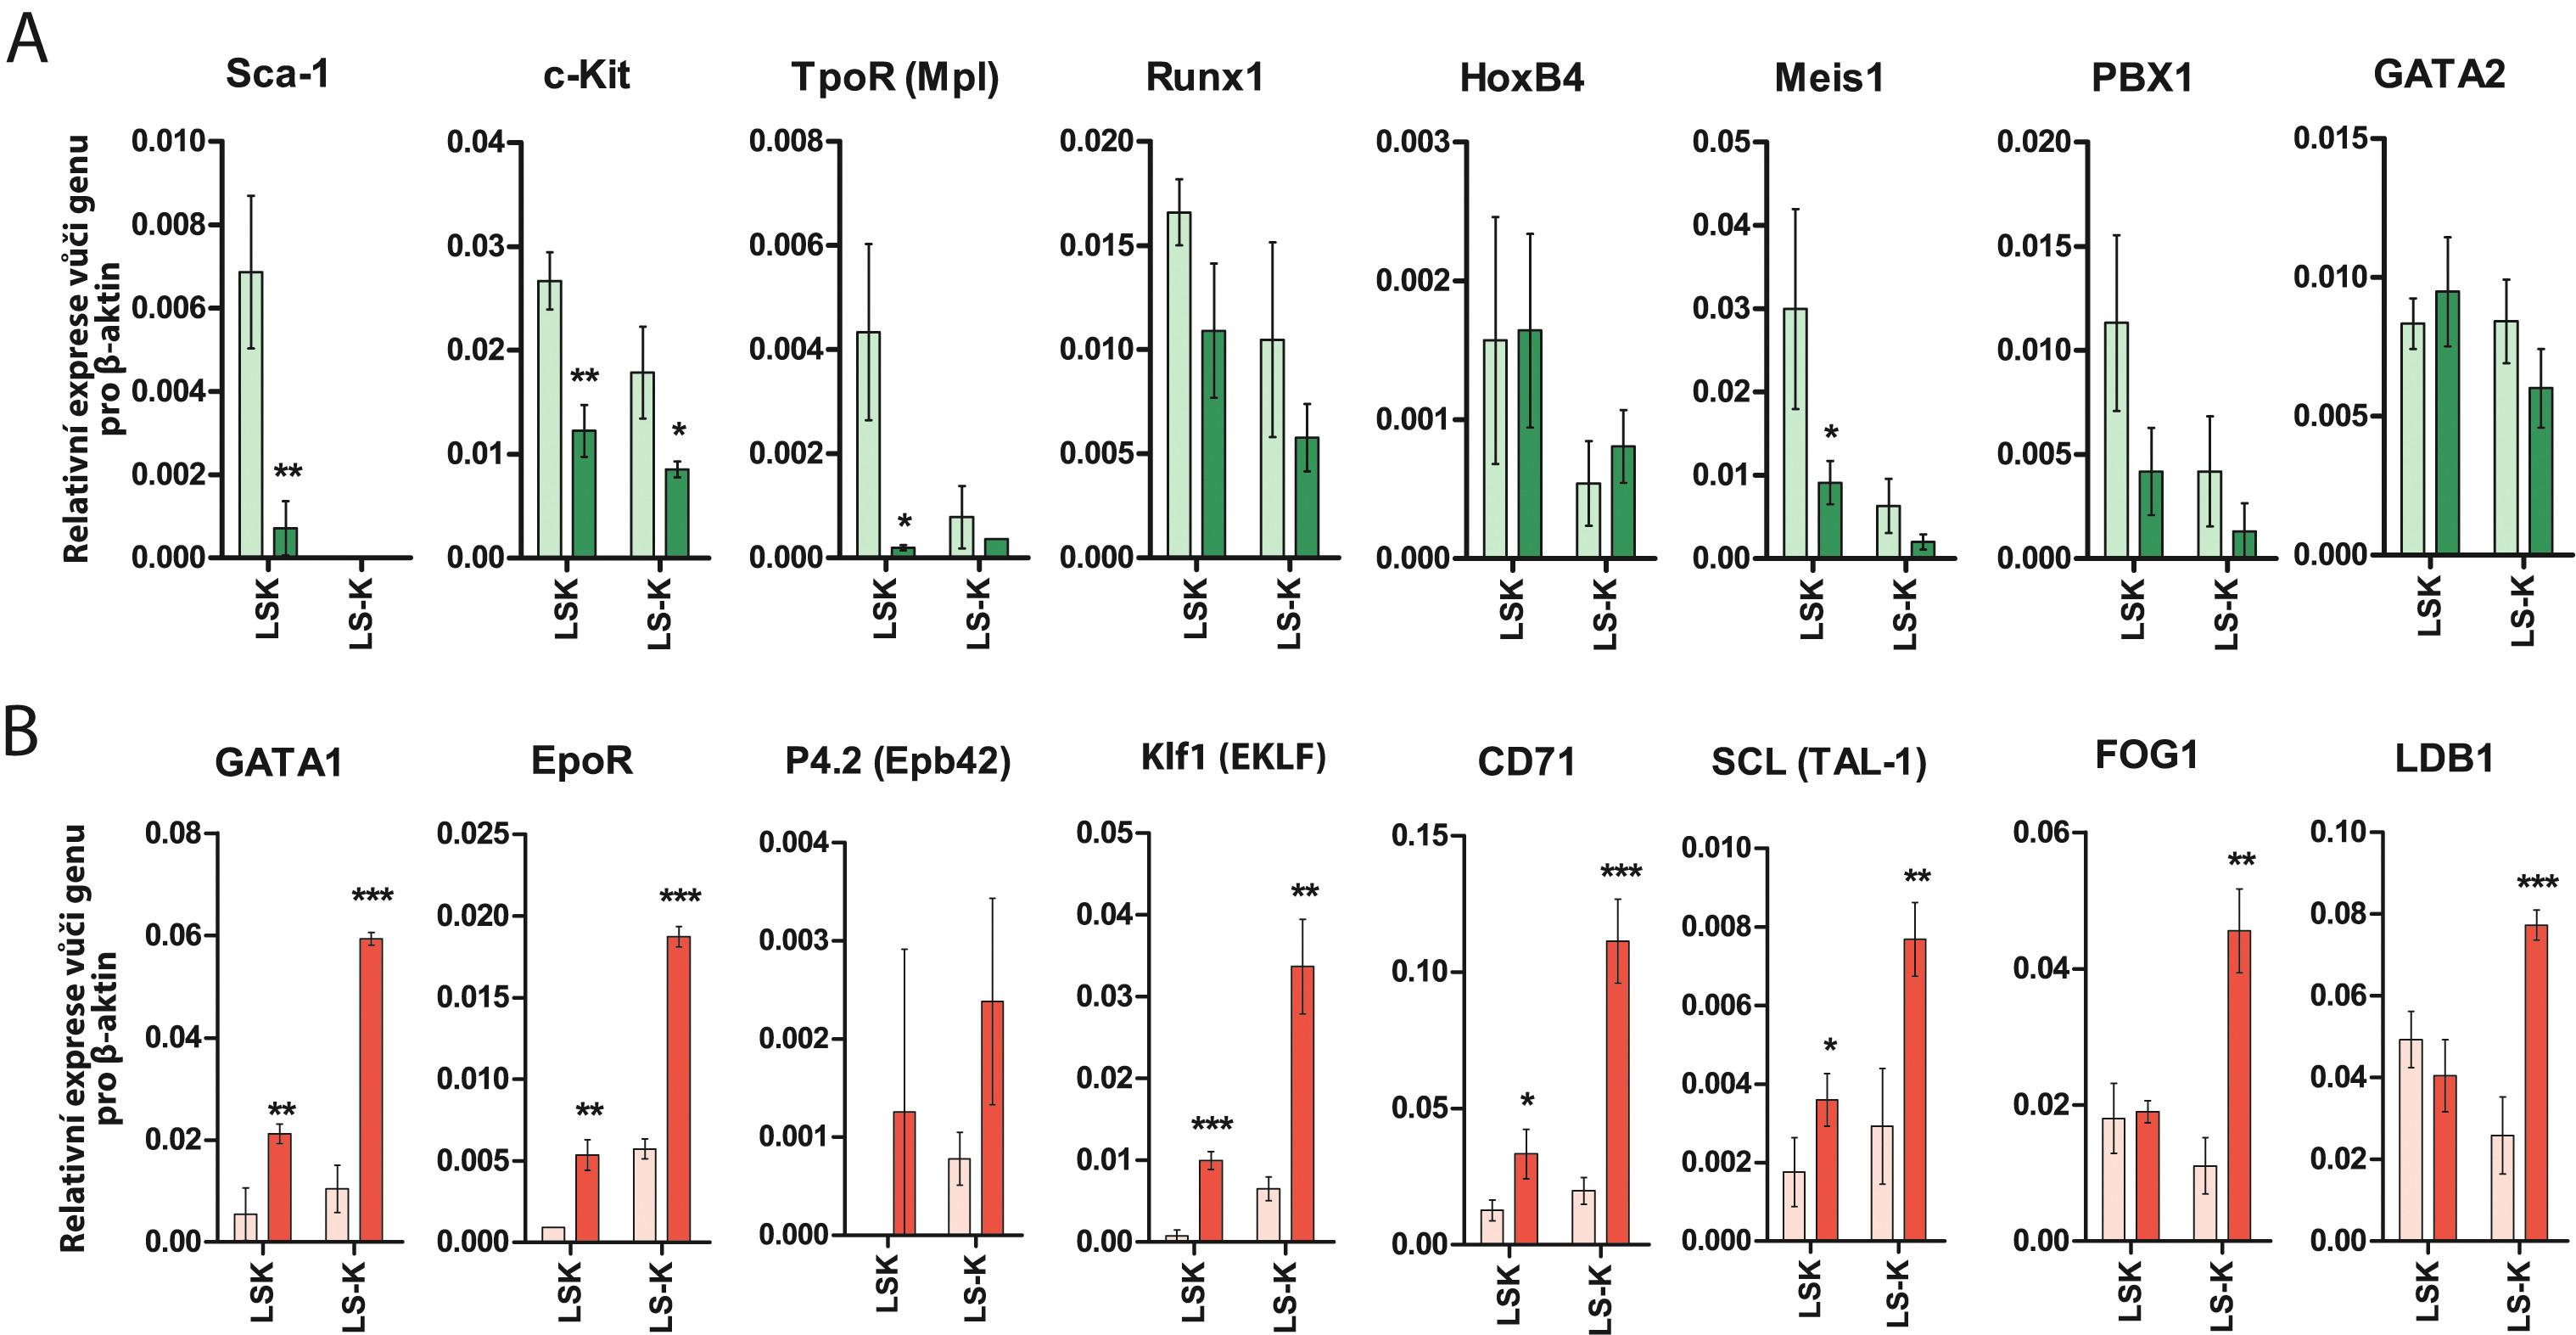 """(A) Exprese genů spojených s """"kmenovou funkcí"""" krvetvorných buněk je v LK-R buňkách snížená nebo nezměněná. (B) Exprese genů spojených s erytroidním vývojovým potenciálem je v LK-R buňkách významně zvýšená jak v jejich LS– K, tak i LSK frakci. *, **, *** udávají významný rozdíl (p < 0,05, p < 0,01, p < 0,001) oproti expresi příslušného genu v LS– K nebo LSK buňkách v normální kostní dřeni."""